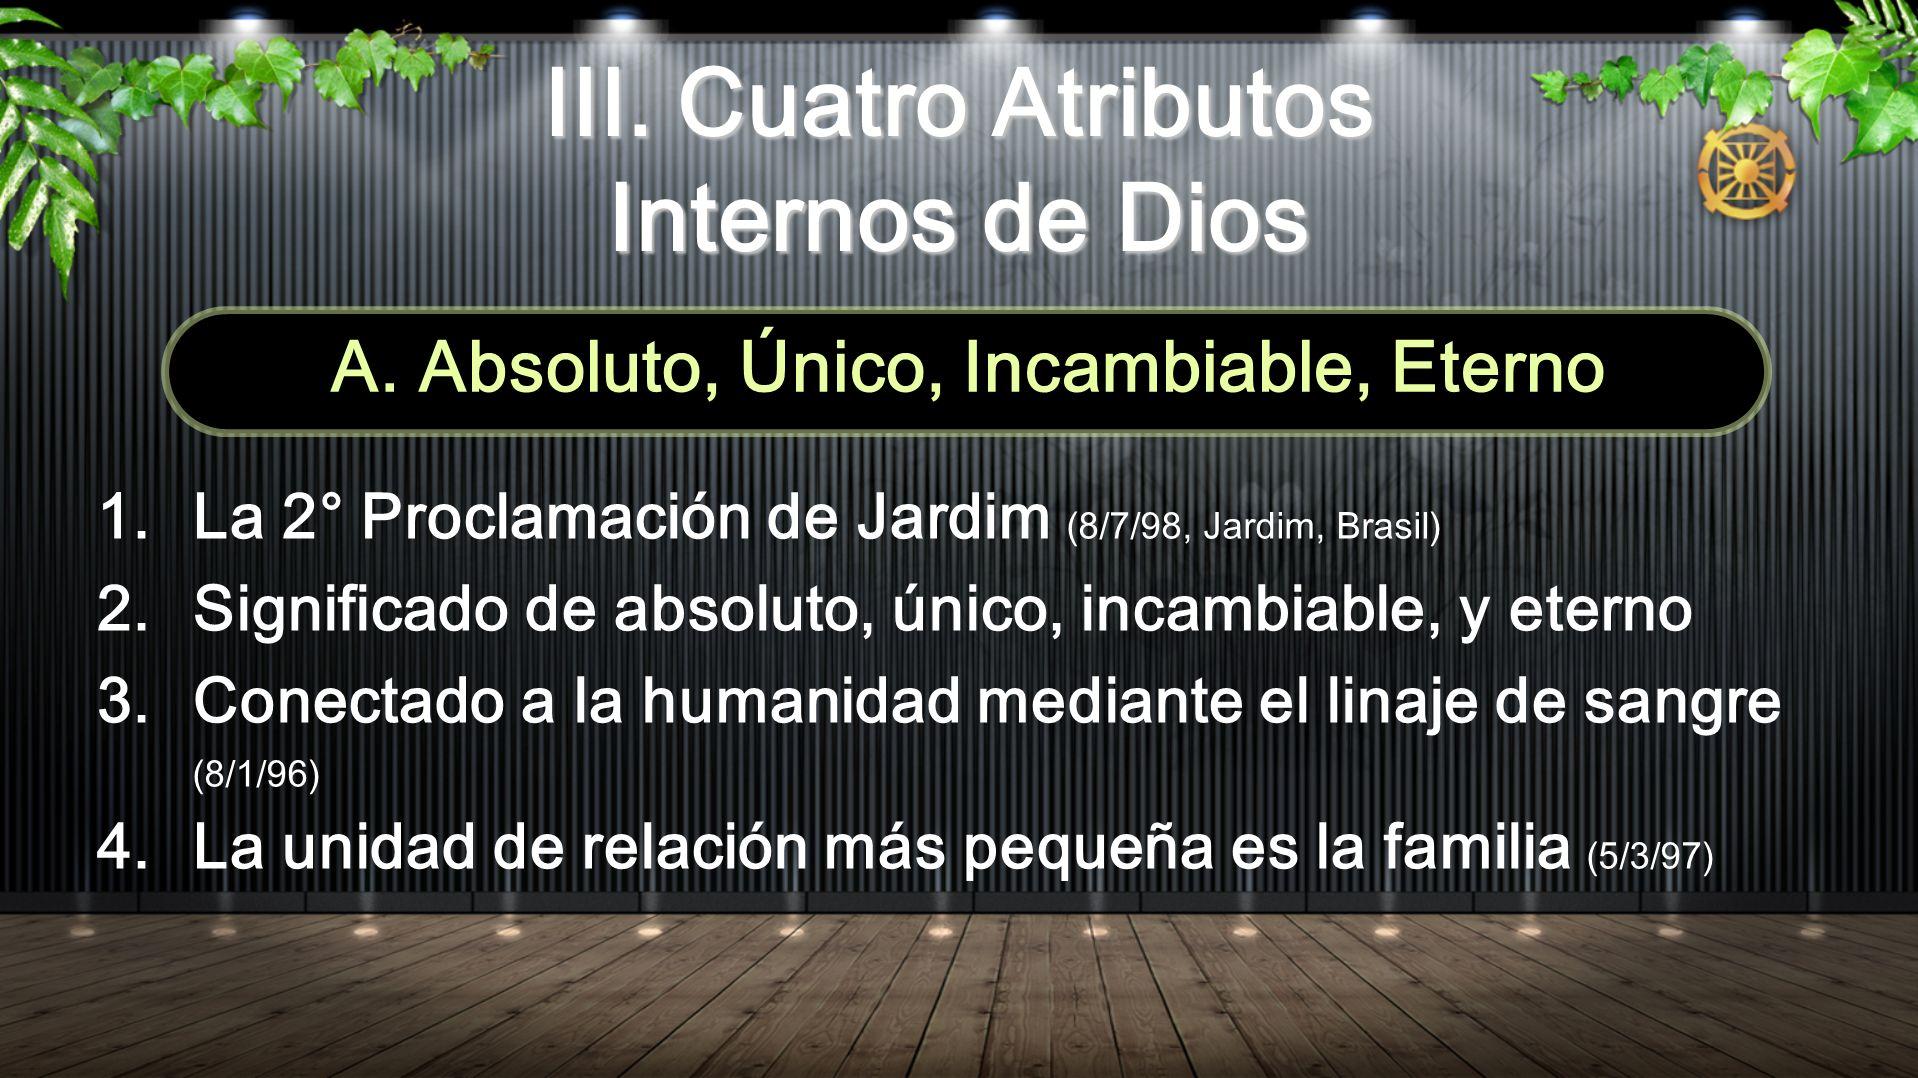 III. Cuatro Atributos Internos de Dios A. Absoluto, Único, Incambiable, Eterno 1.La 2° Proclamación de Jardim (8/7/98, Jardim, Brasil) 2.Significado d